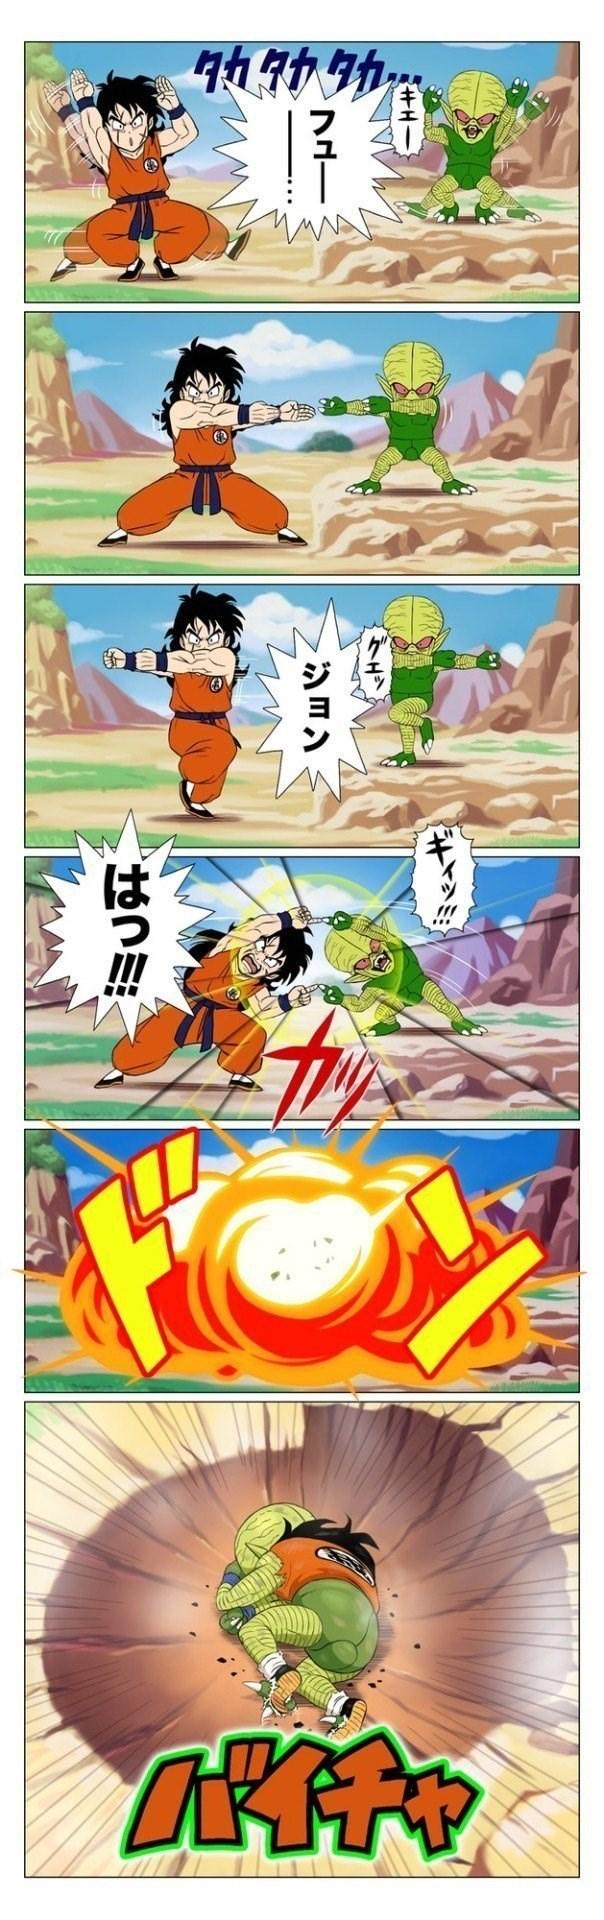 fusion entre dos derrotados de dragon ball